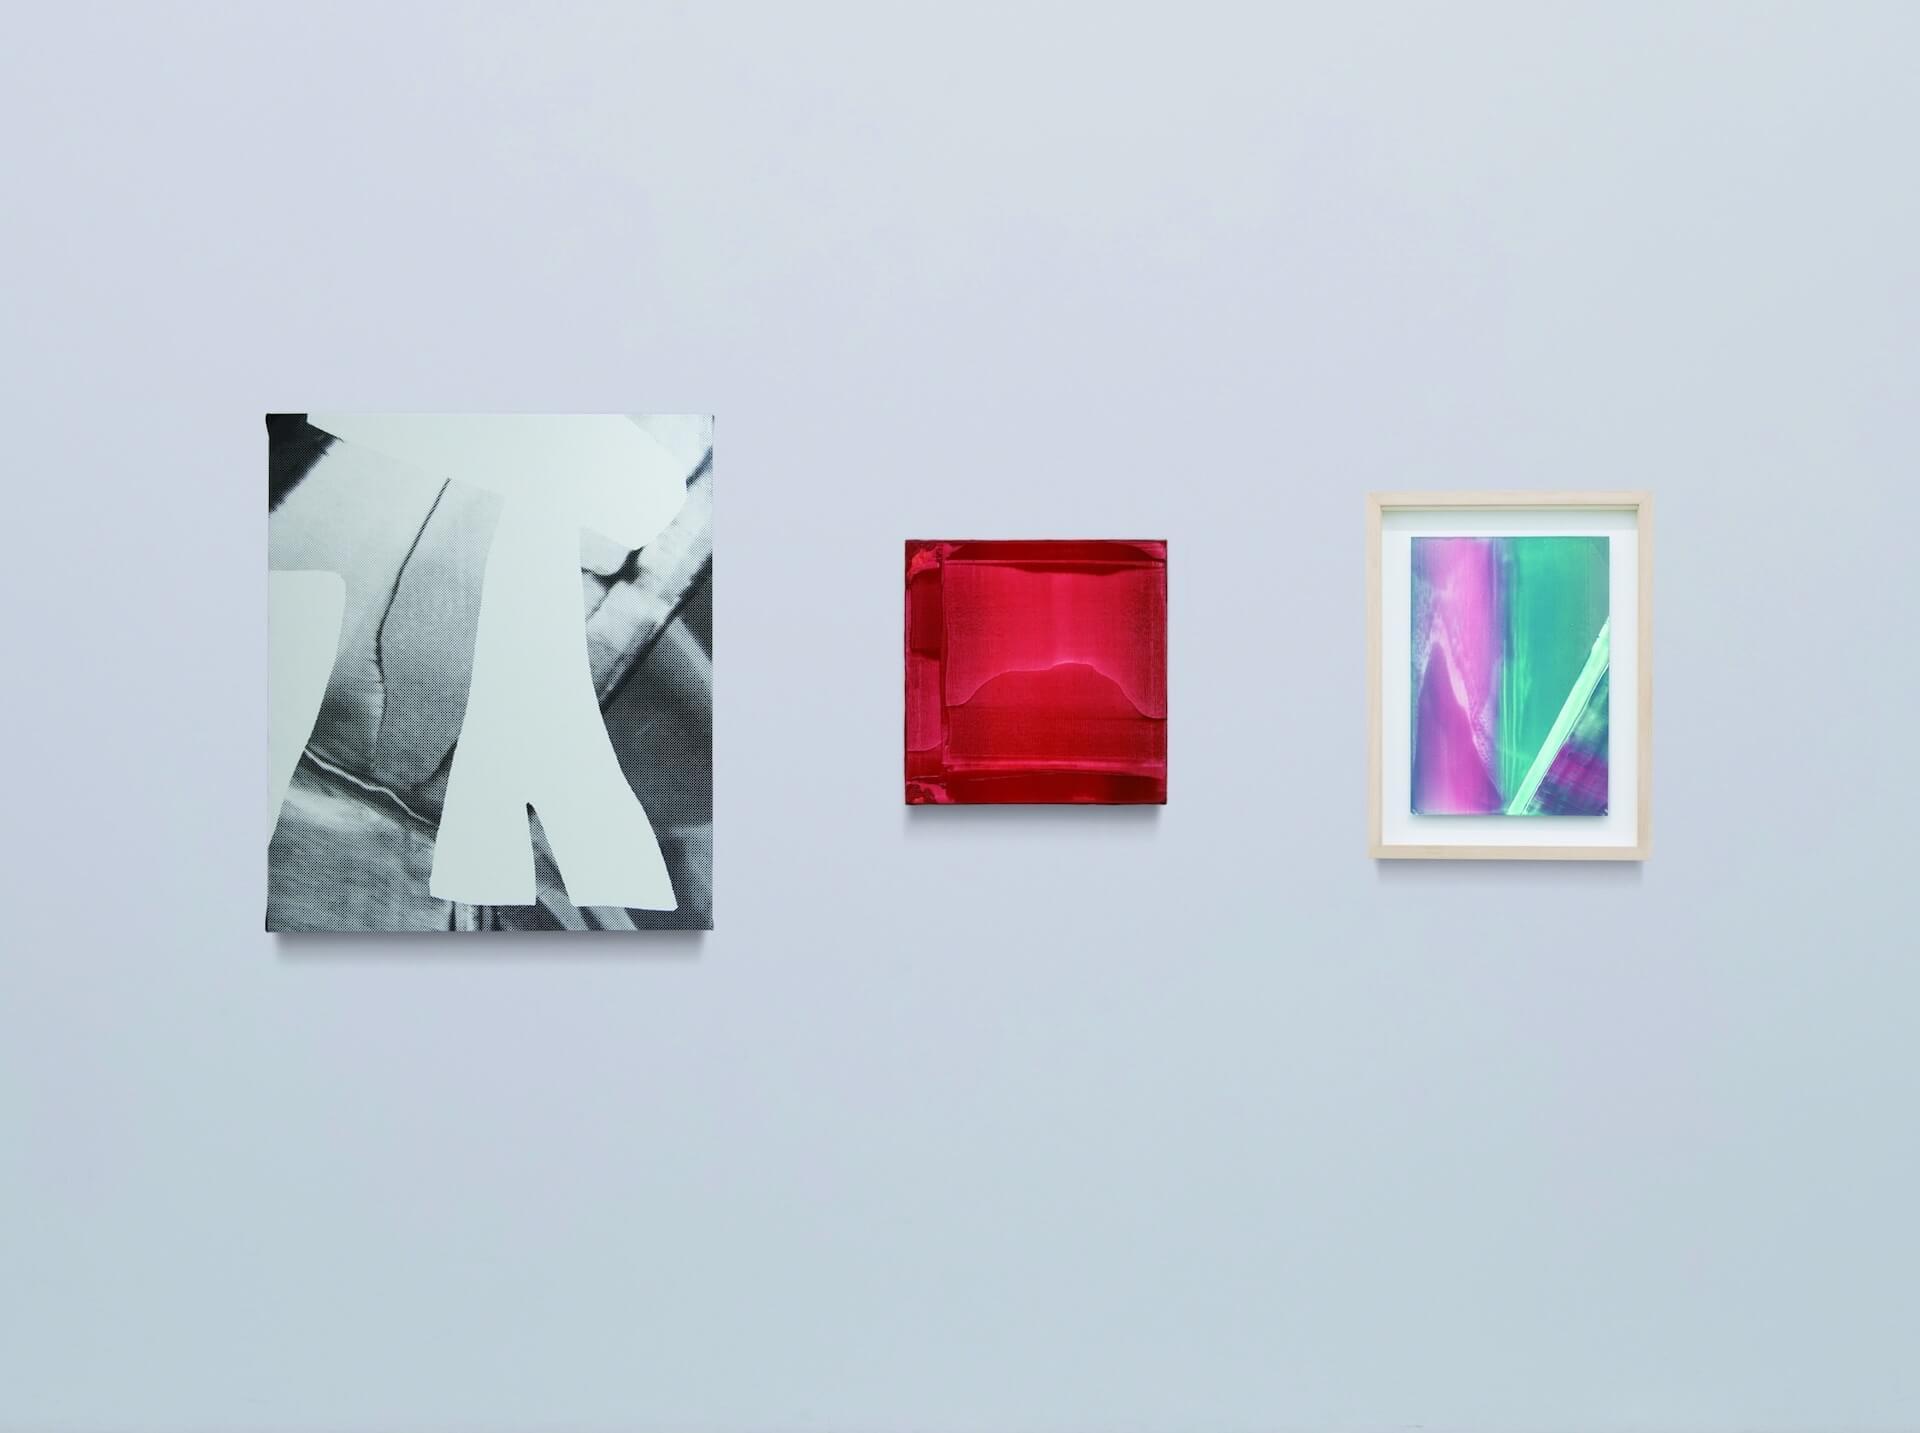 小村希史個展<OIL>が渋谷PARCO「OIL by 美術手帖」ギャラリーで開催|新作展示やオリジナルTシャツの販売も ac200313_komuramarehumi_oil_01